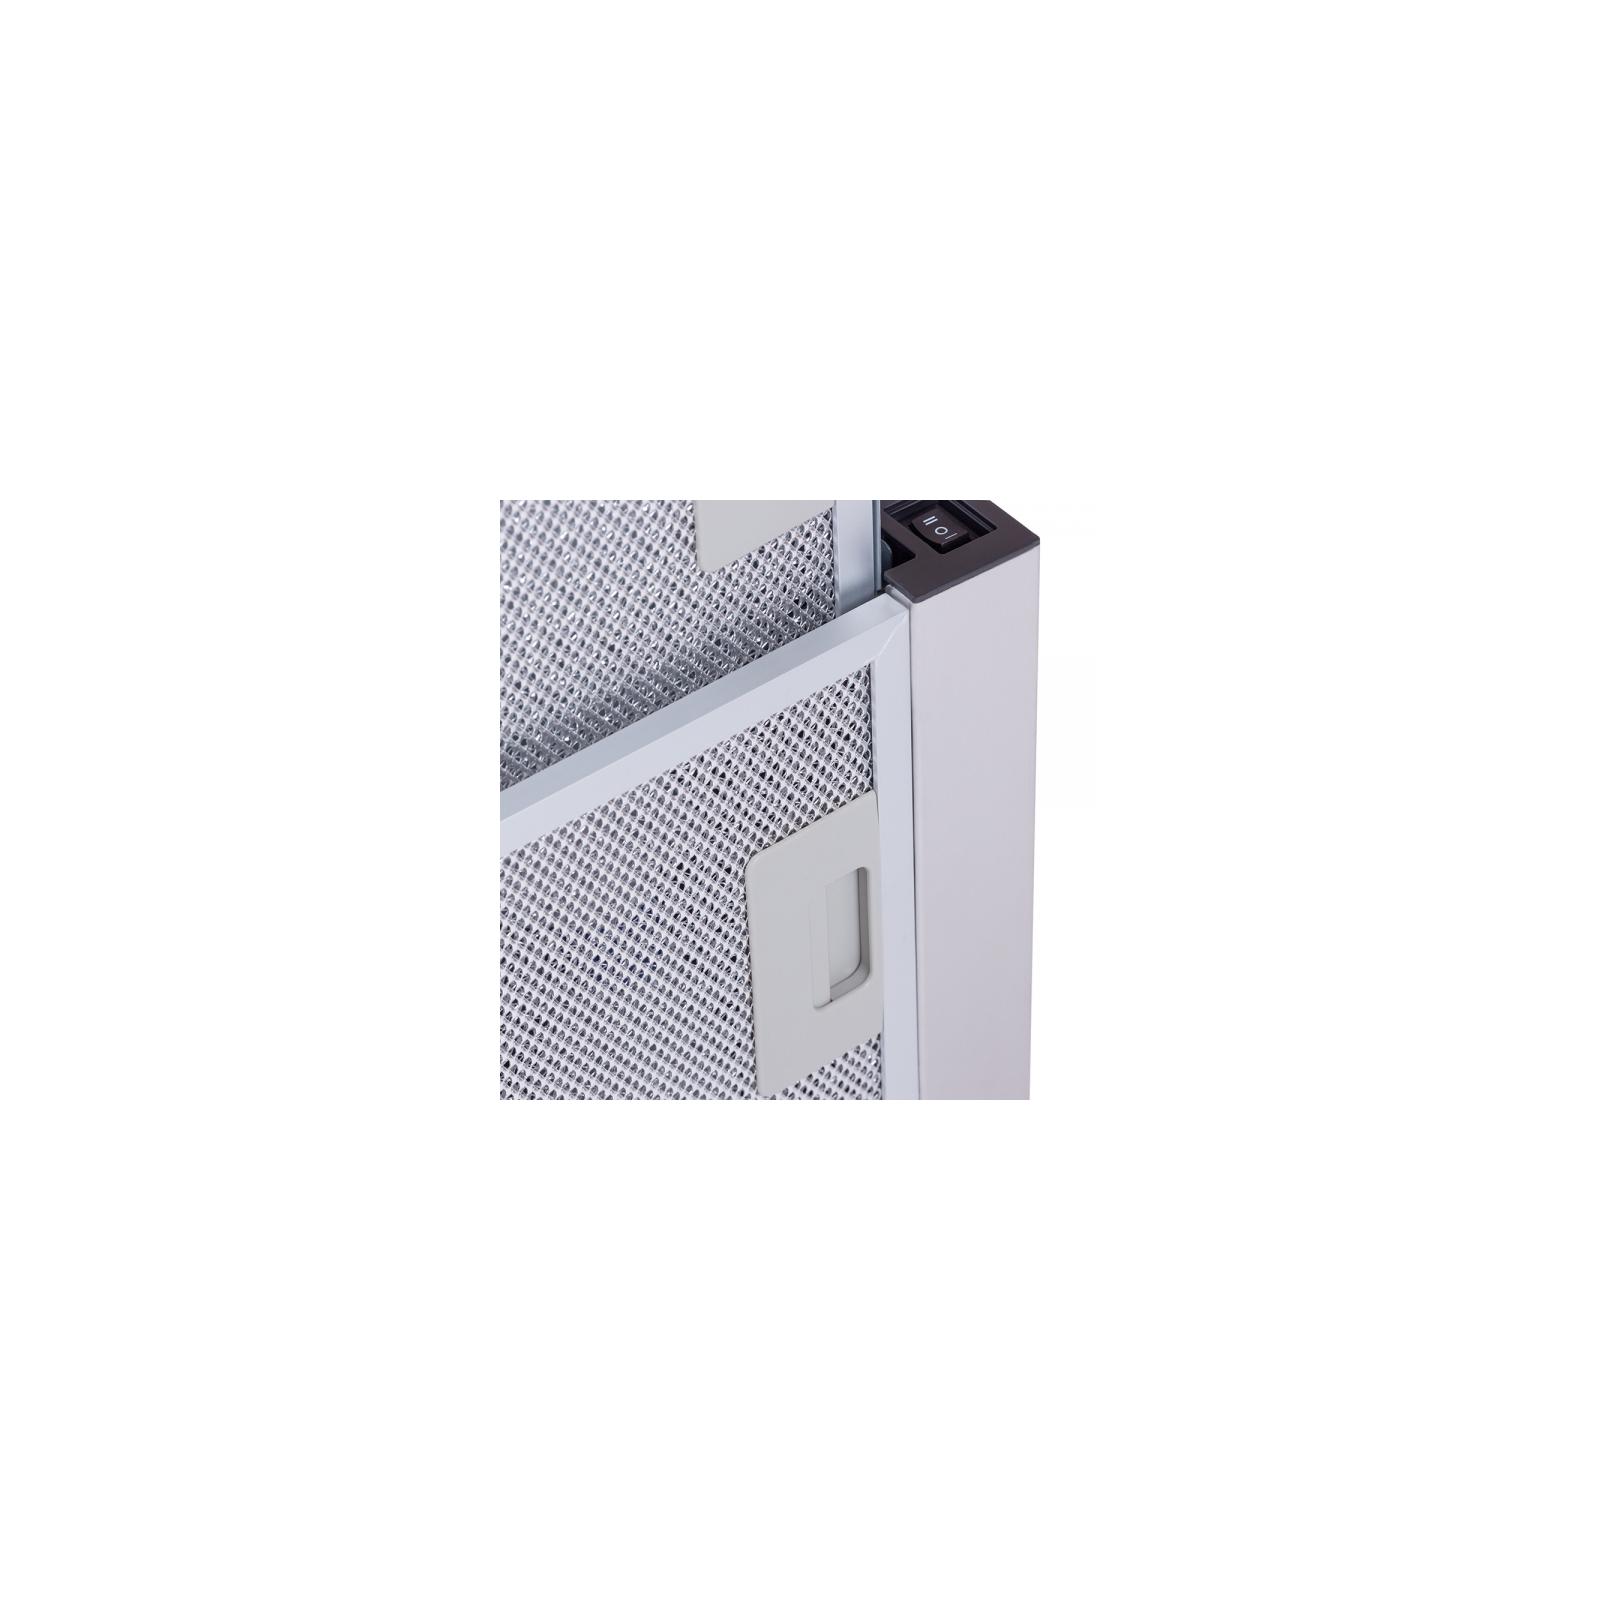 Вытяжка кухонная Minola HTL 5314 WH 750 LED изображение 8